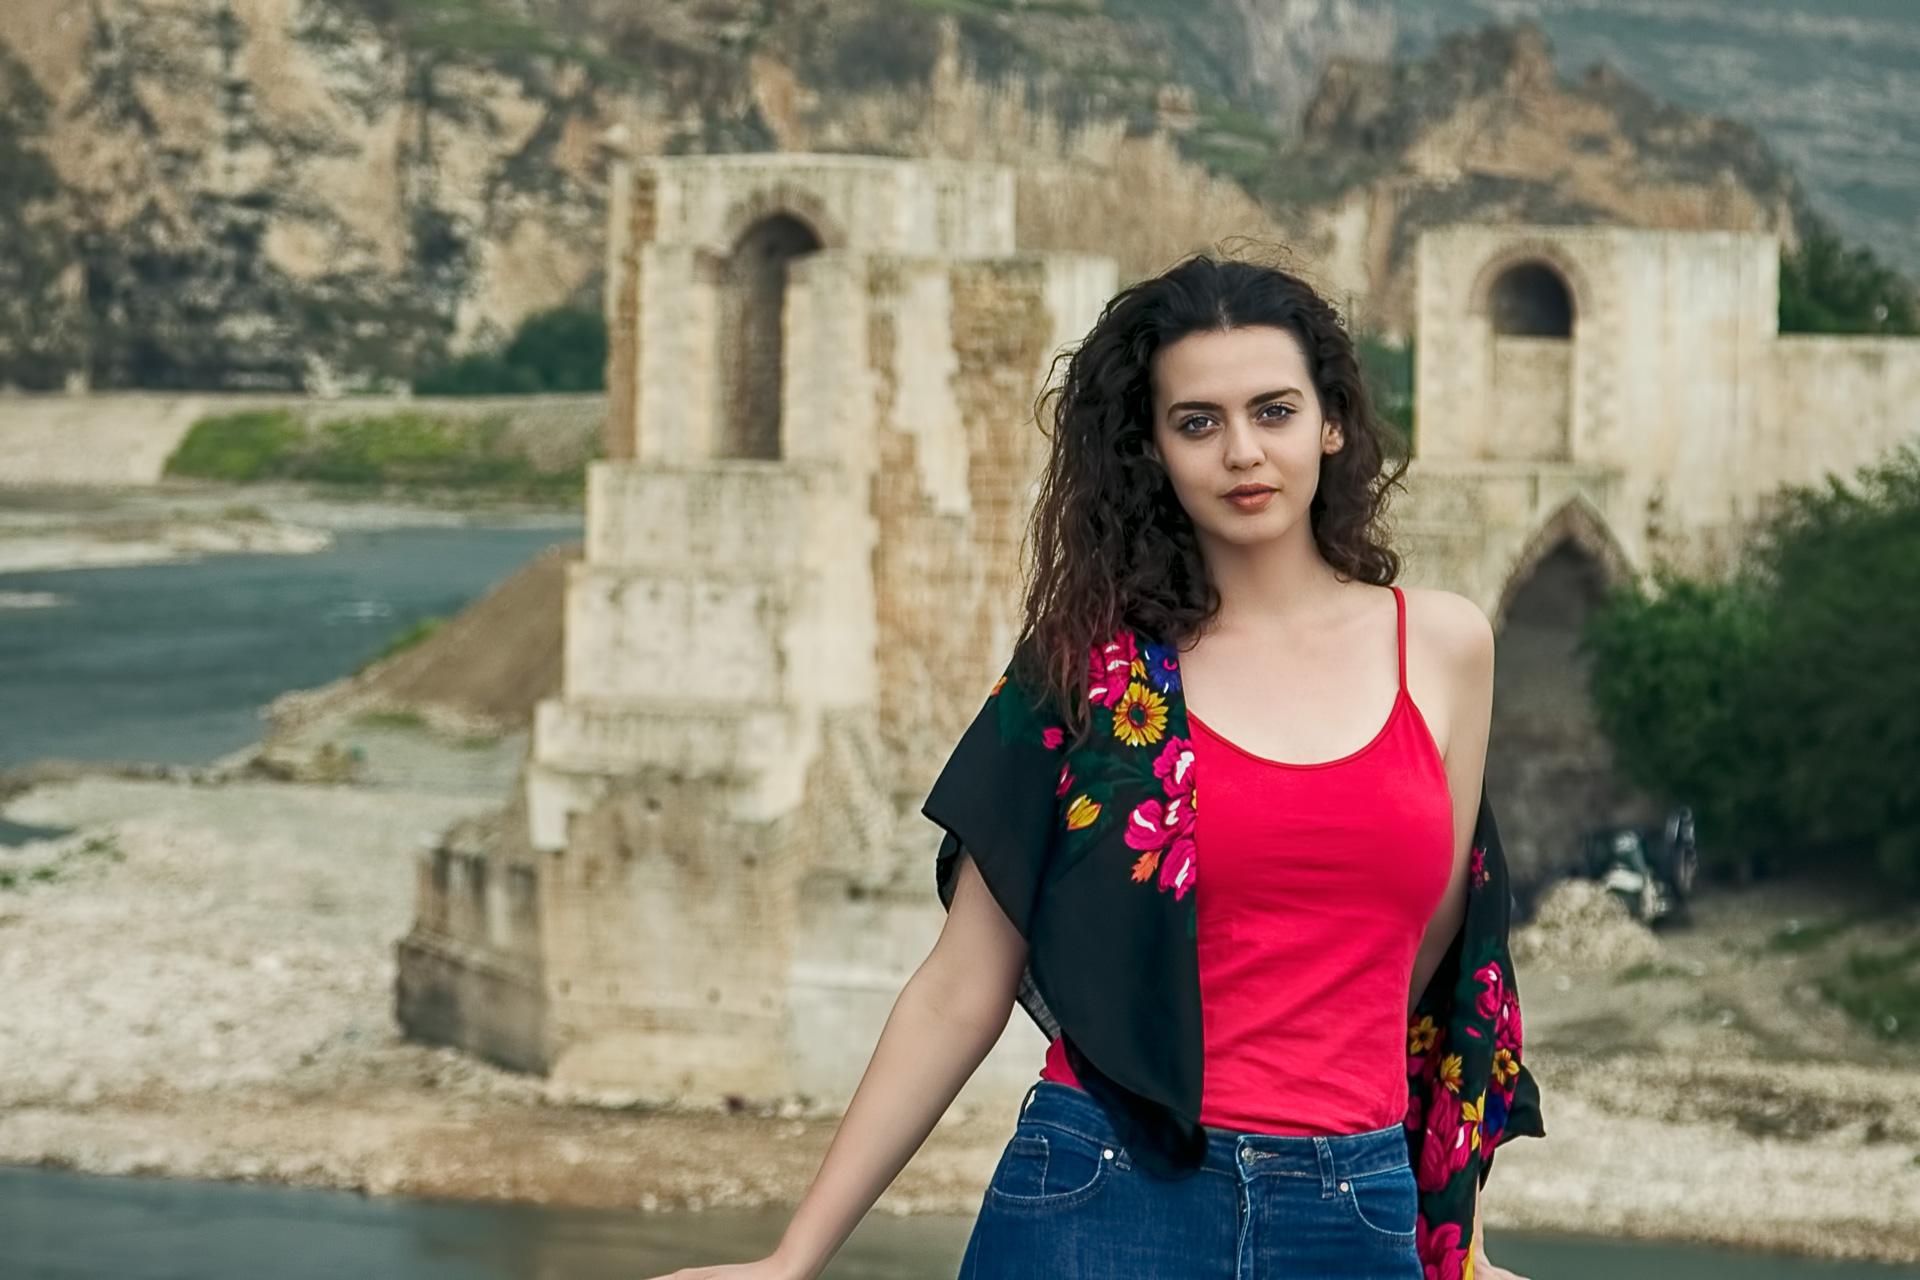 Hasankeyf Fotoğrafları Batman Türkiye Gezgin Fotoğrafçı Çekergezer Hakan Aydın Fotoğrafları www.cekergezer.com www.hakanaydın.com.tr